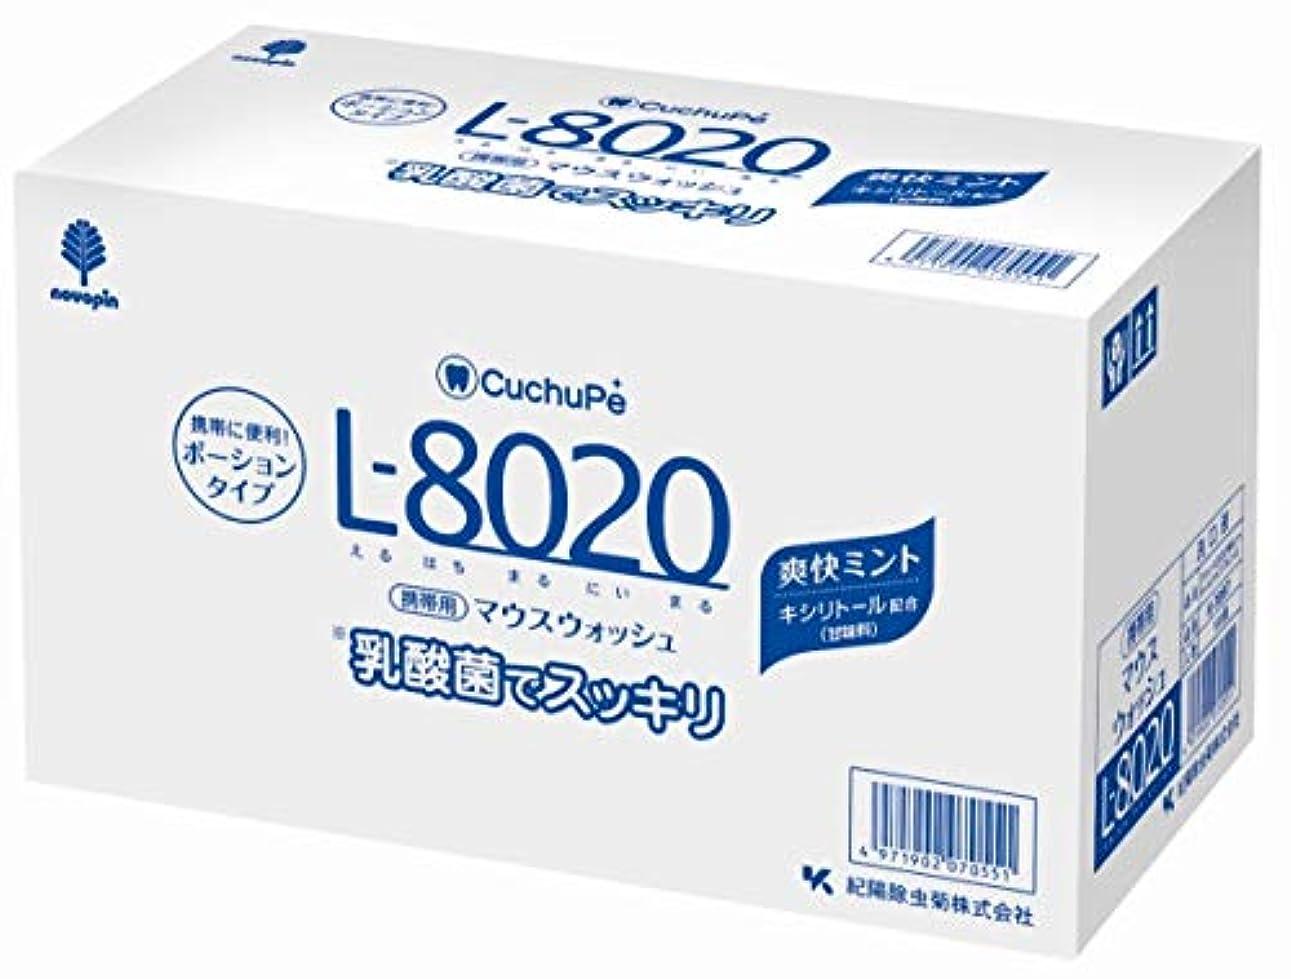 勝者無視呼ぶ日本製 made in japan クチュッペL-8020 爽快ミント ポーションタイプ100個入(アルコール) K-7097【まとめ買い10個セット】